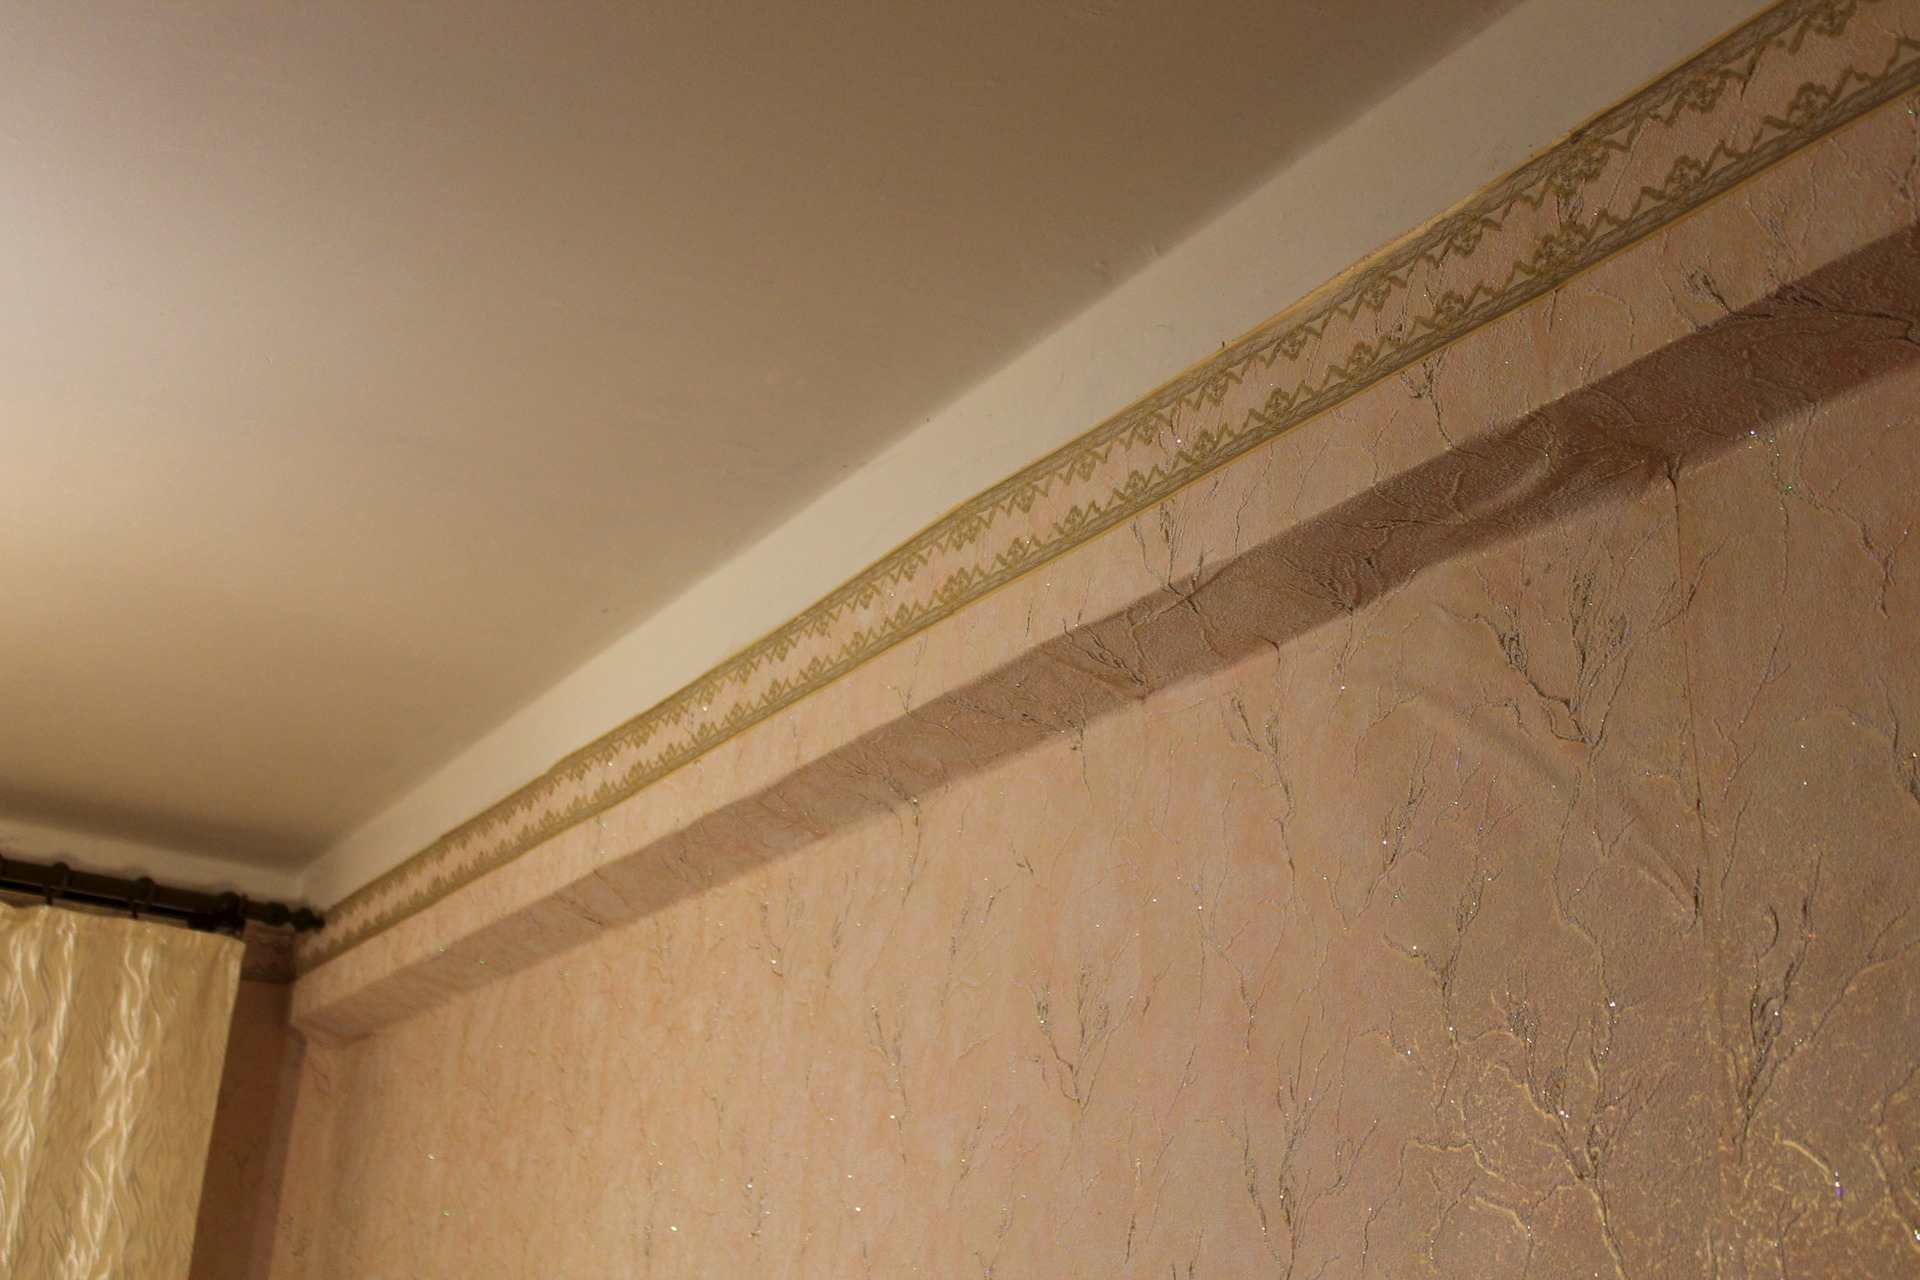 чего начать картинки потолочного ригеля в квартире подберете наиболее